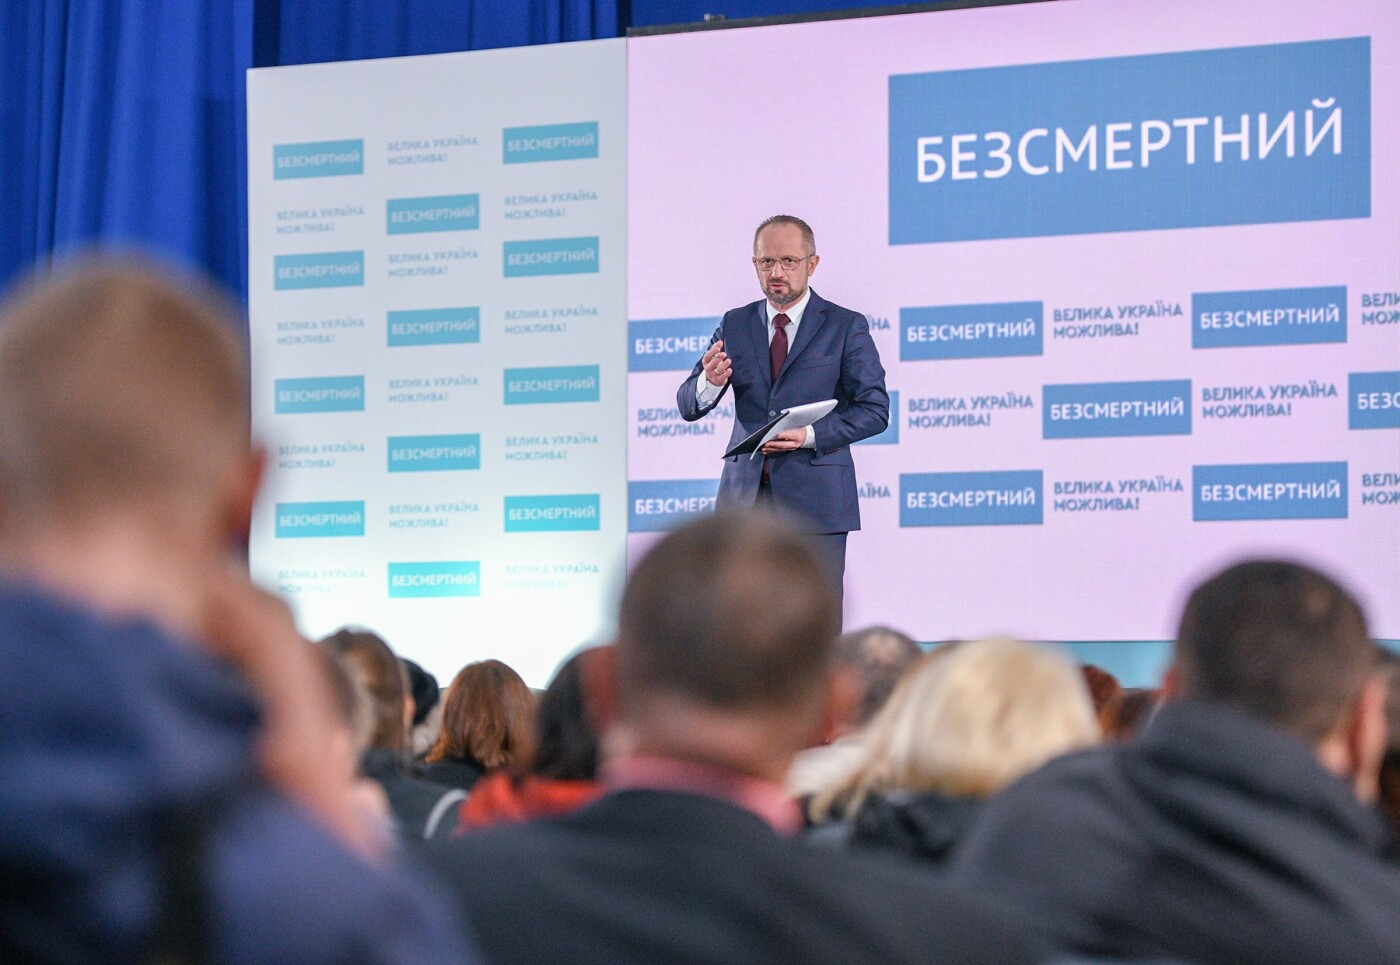 Державу треба перезаснувати, реалізуючи ідею «Великої України» - Роман Безсмертний, фото-1